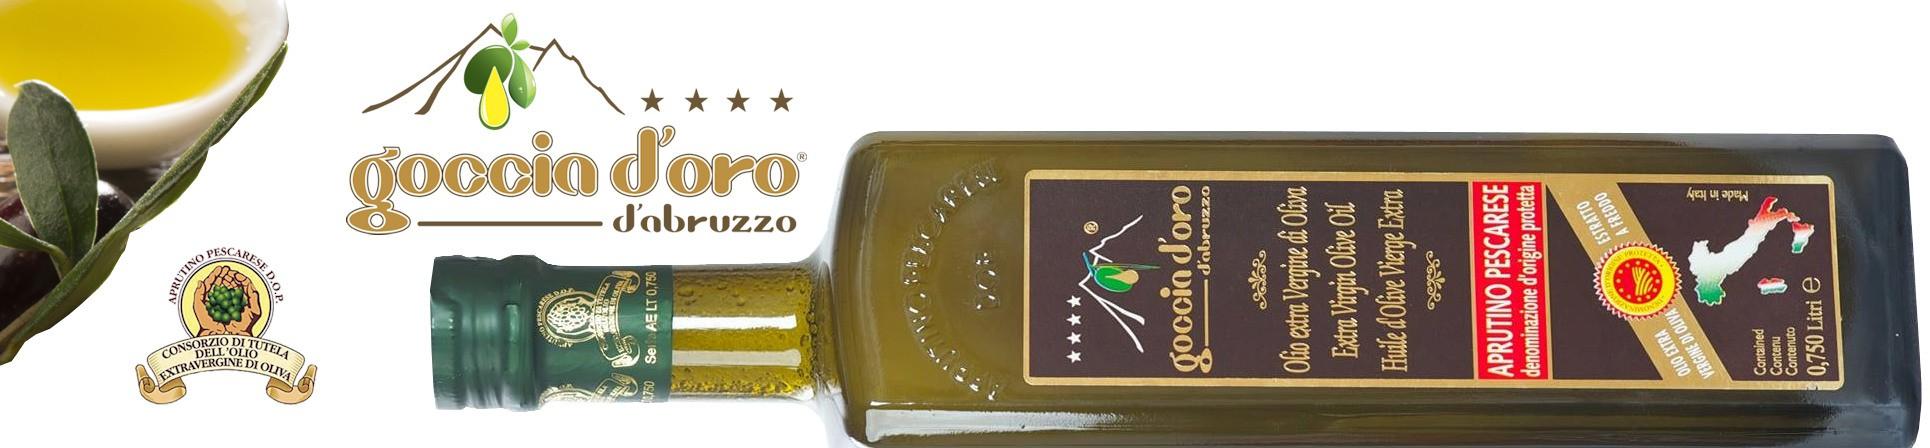 B2B GUSTOX - il Marketplace all'ingrosso delle eccellenze agroalimentari italiane - Goccia D'Oro d'Abruzzo